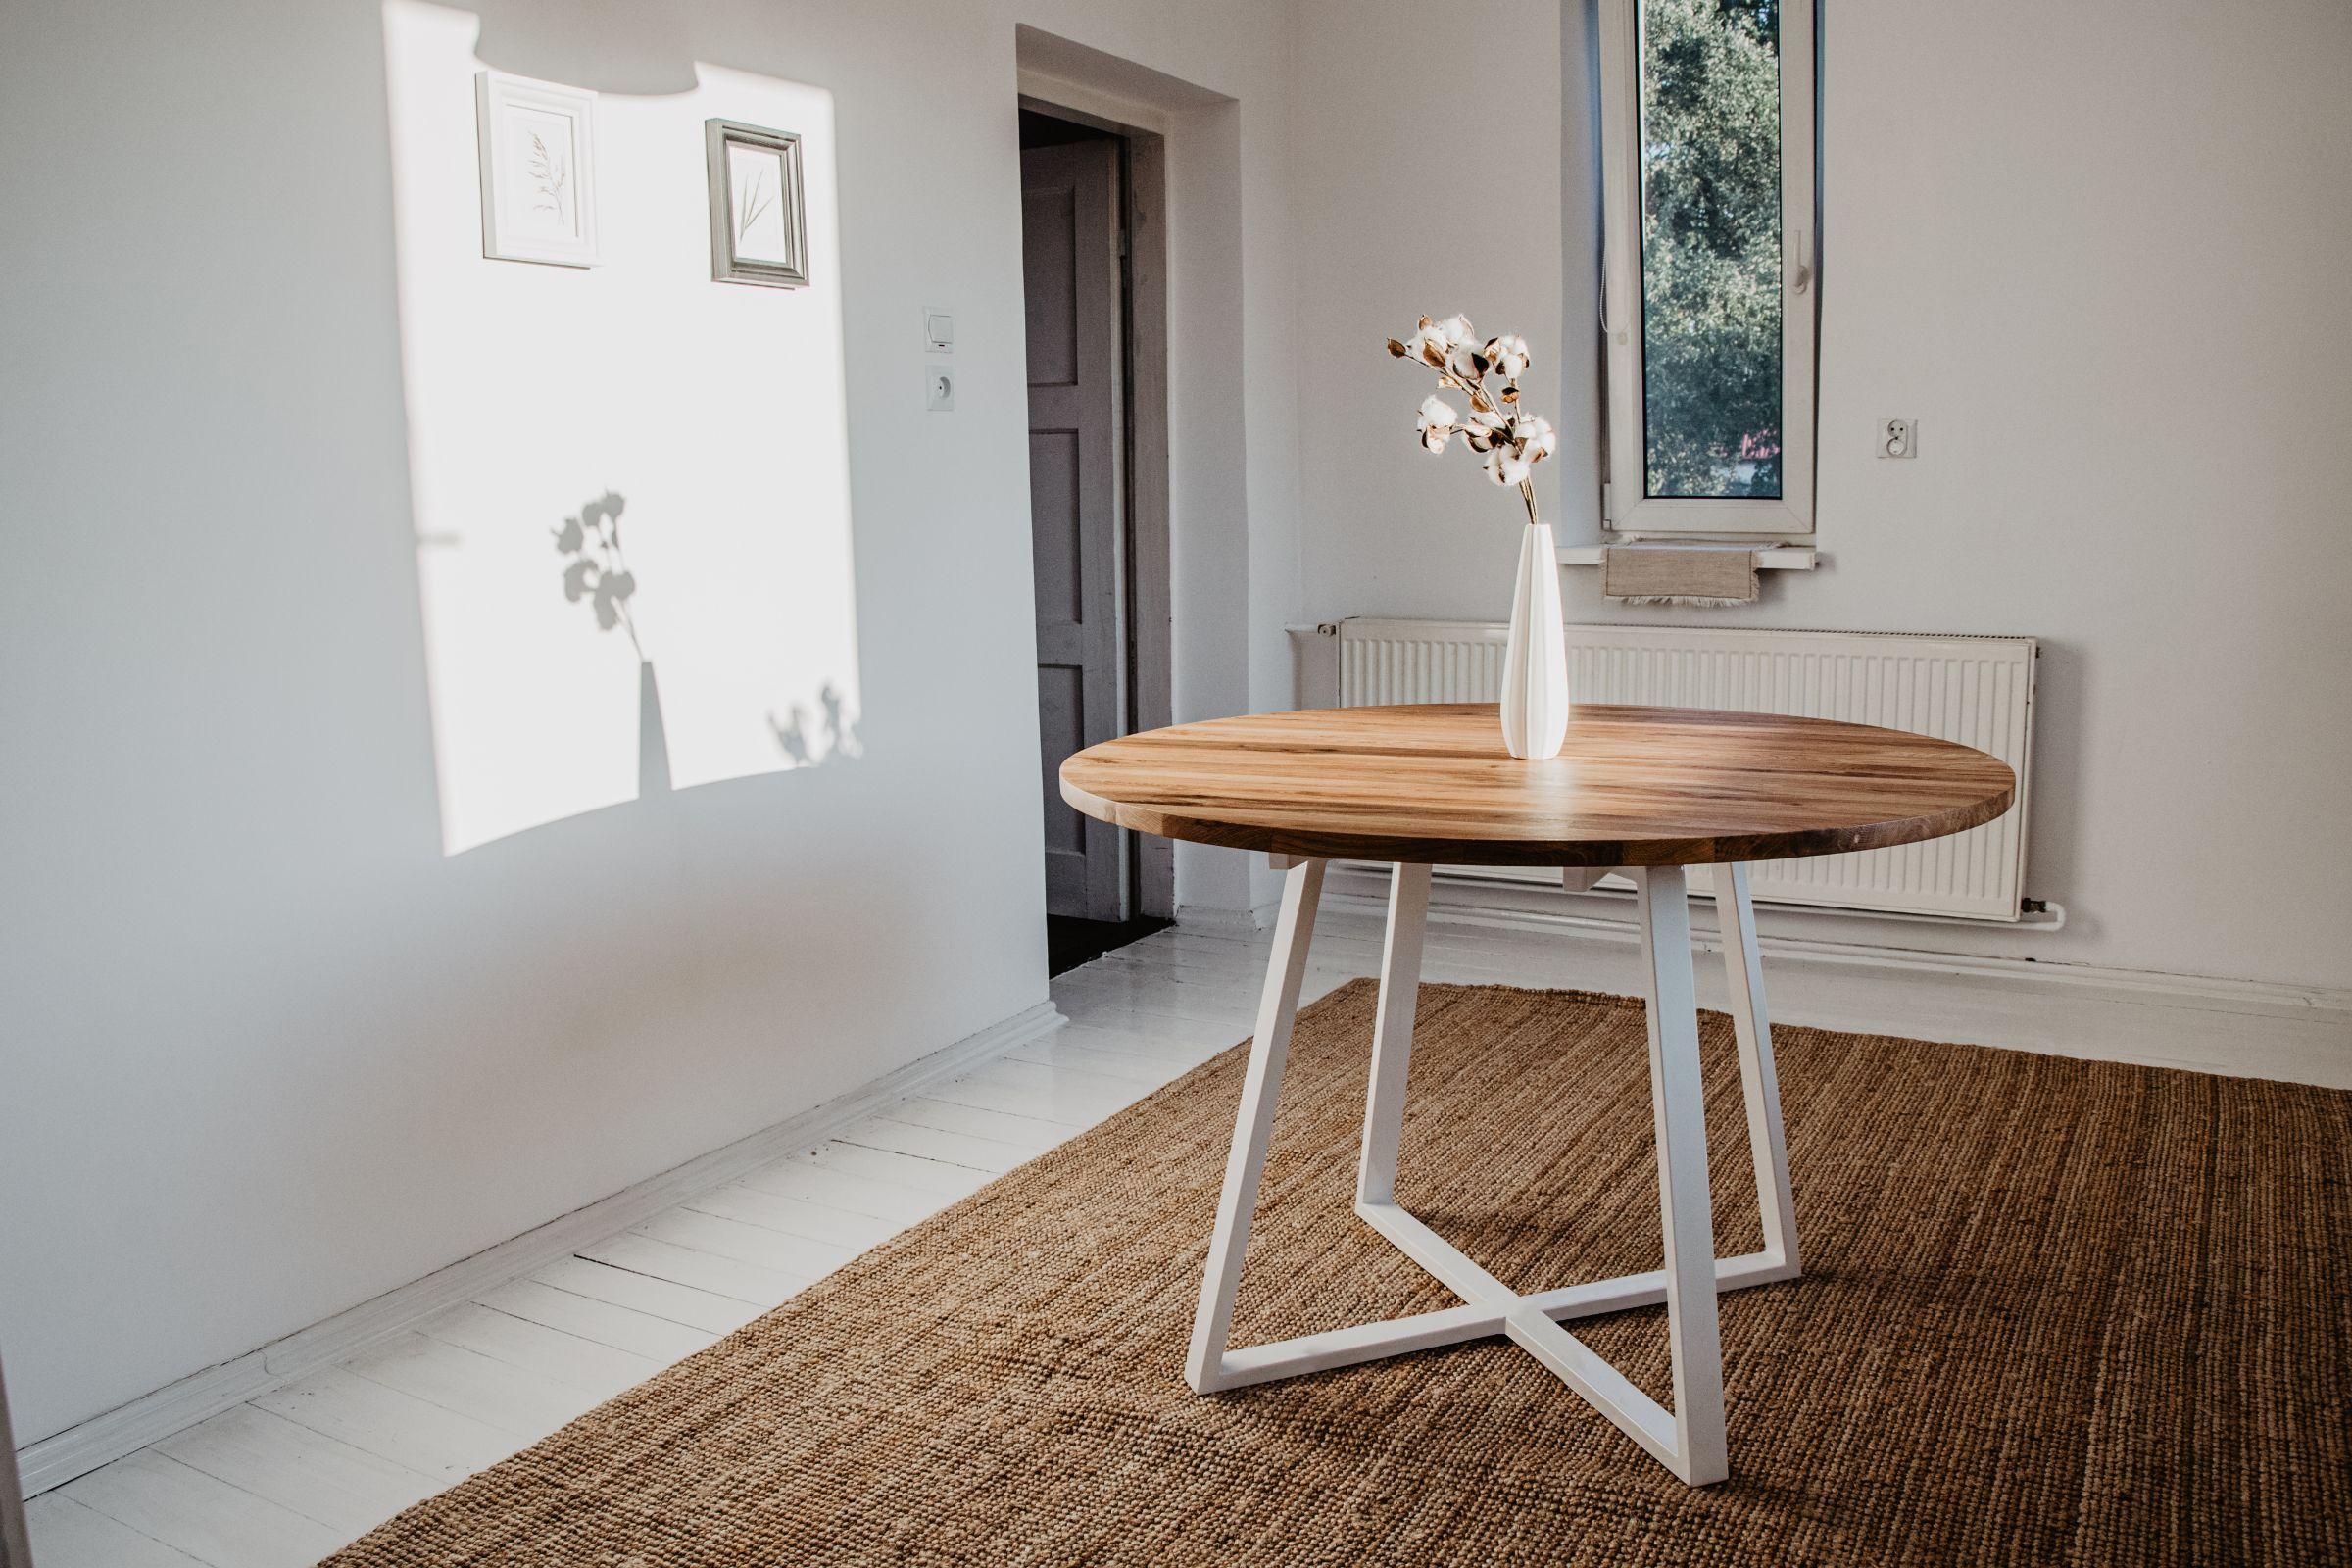 1_Måne White II Round Table